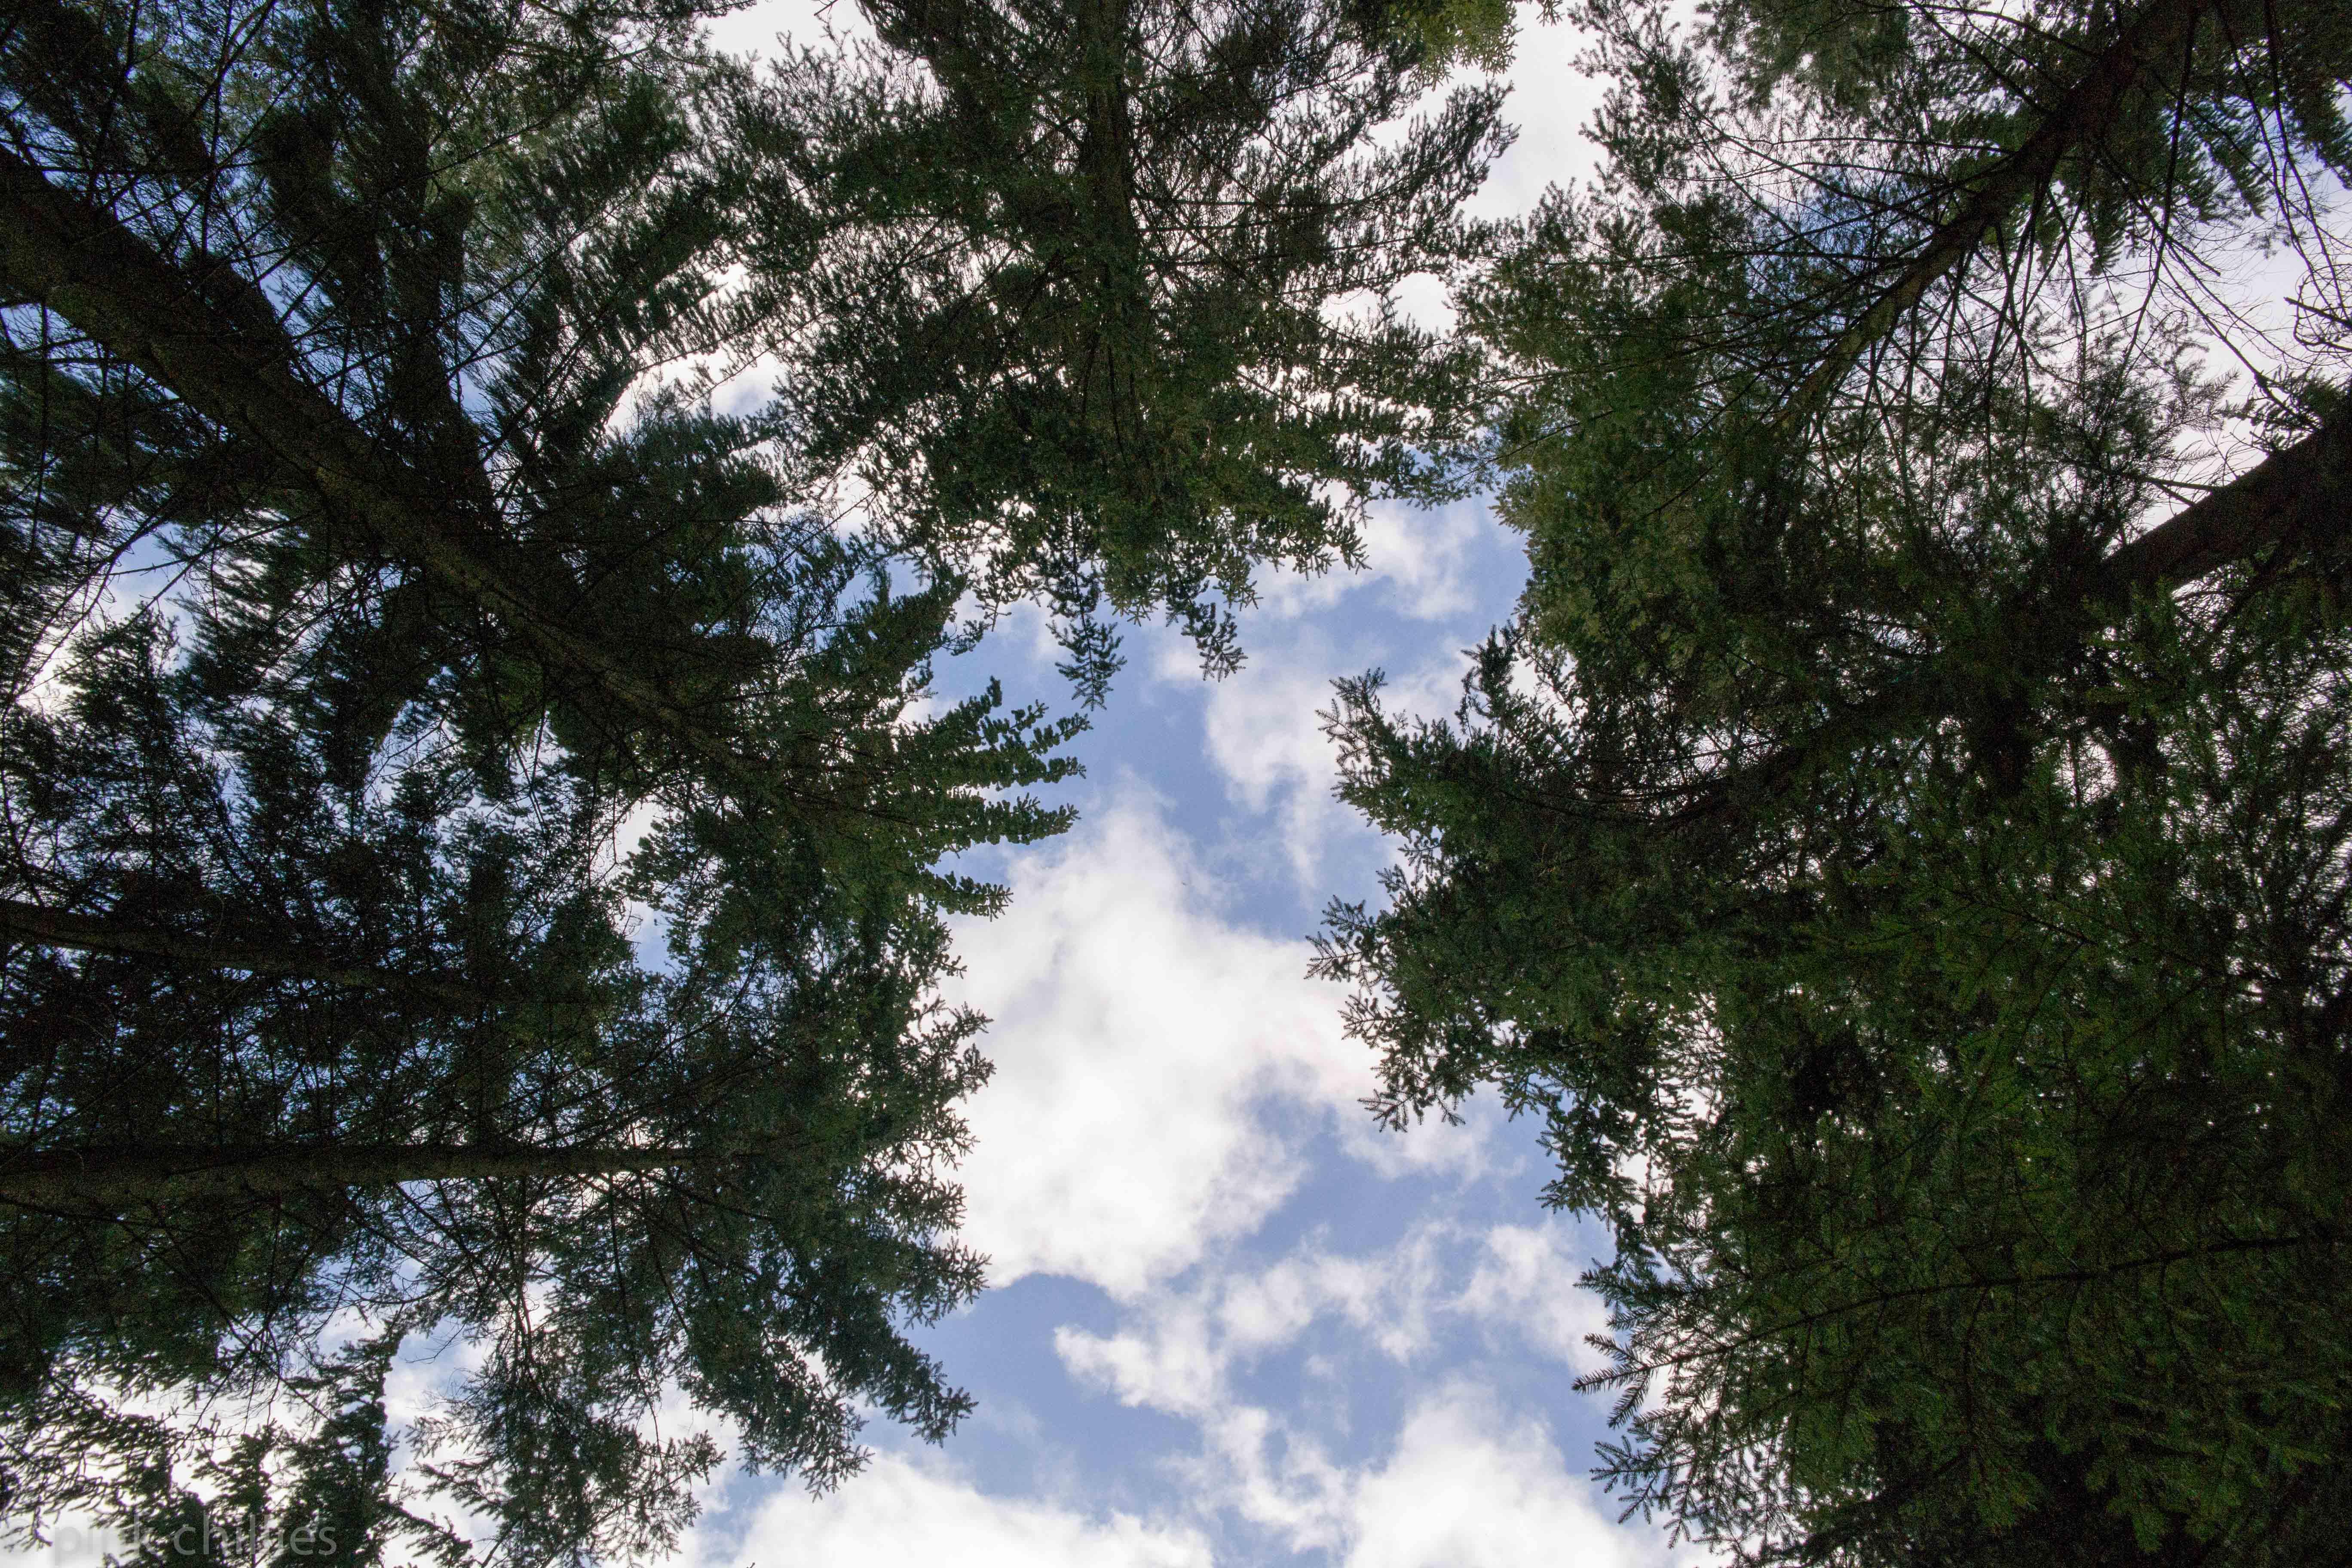 Tannen im Wald blauer Himmel